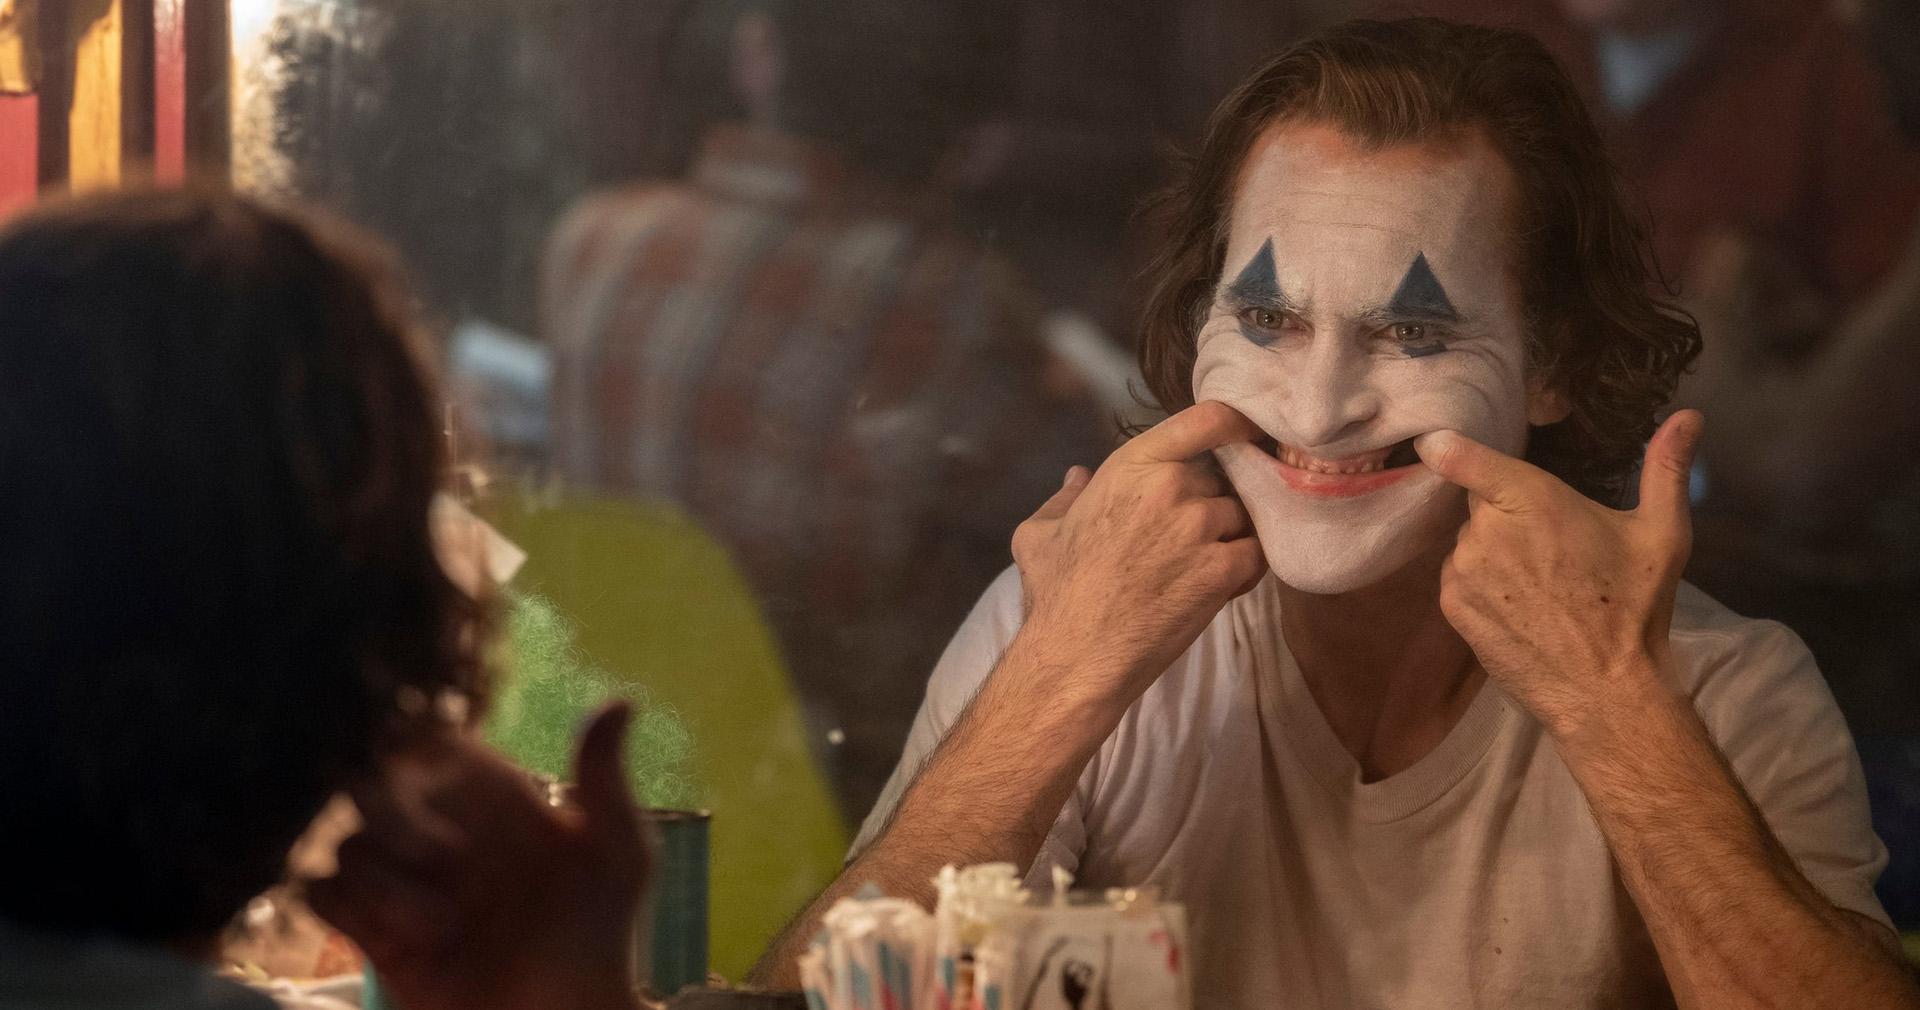 فيلم «Joker»: سردية مضادة ستتحول لكلاسيكية سينمائية – إضاءات